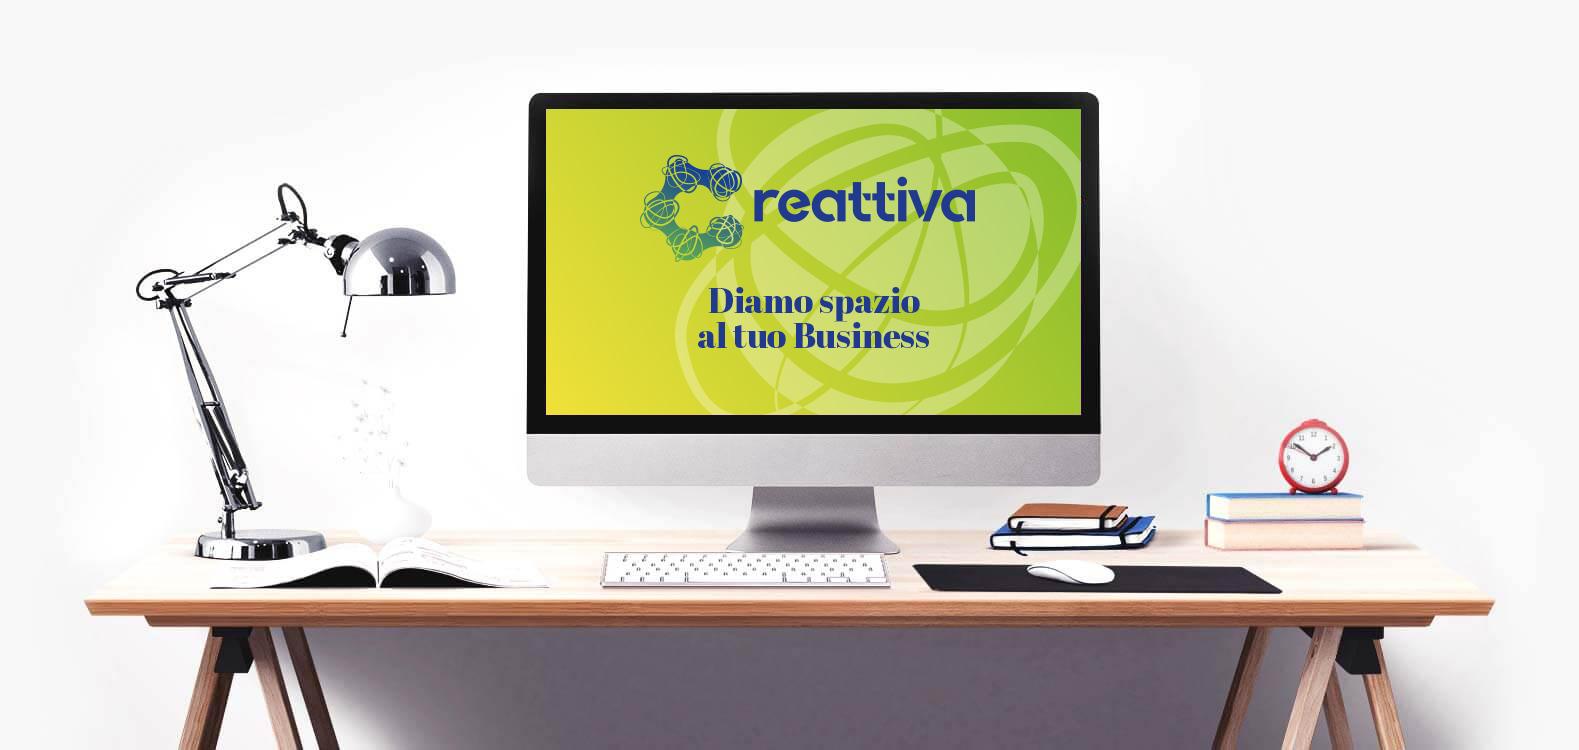 C Reattiva | Spazi di Coworking